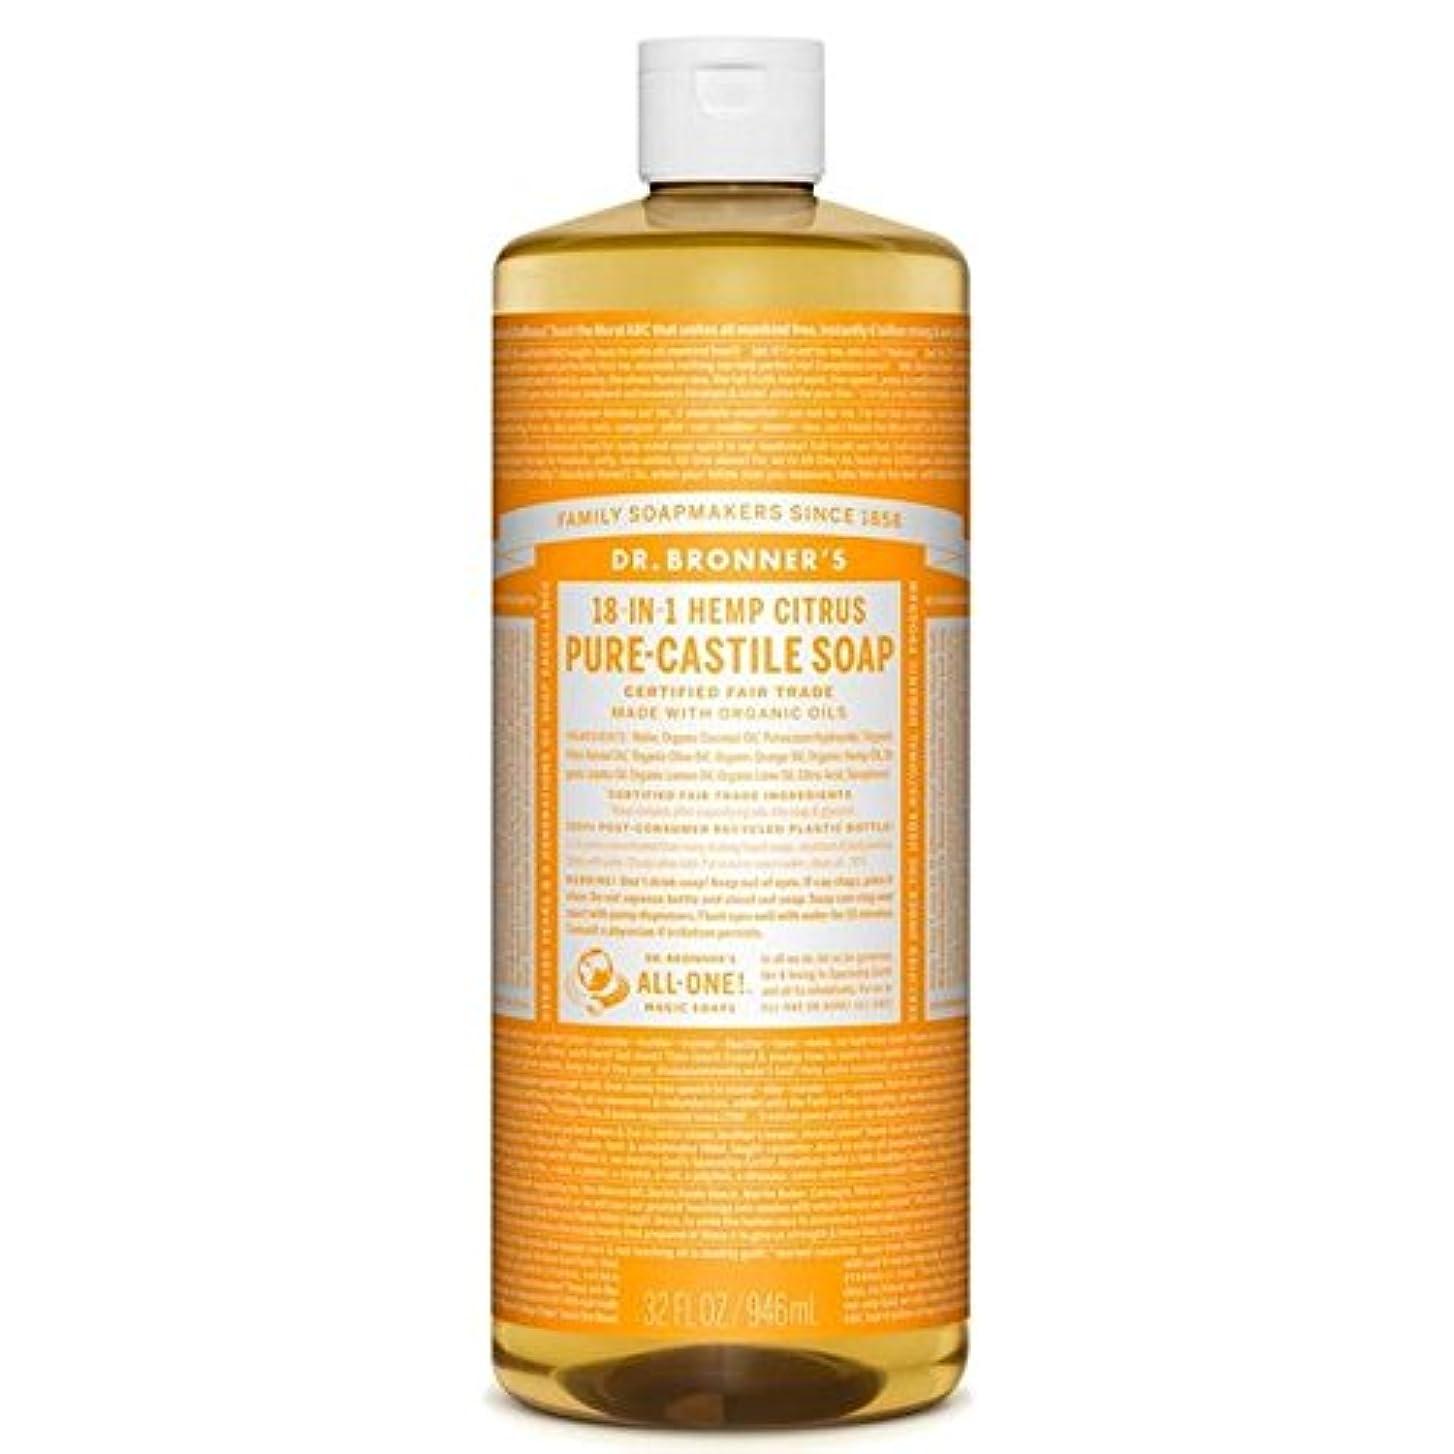 のブロナーオーガニックシトラスカスティーリャ液体石鹸946ミリリットル x2 - Dr Bronner Organic Citrus Castile Liquid Soap 946ml (Pack of 2) [並行輸入品]